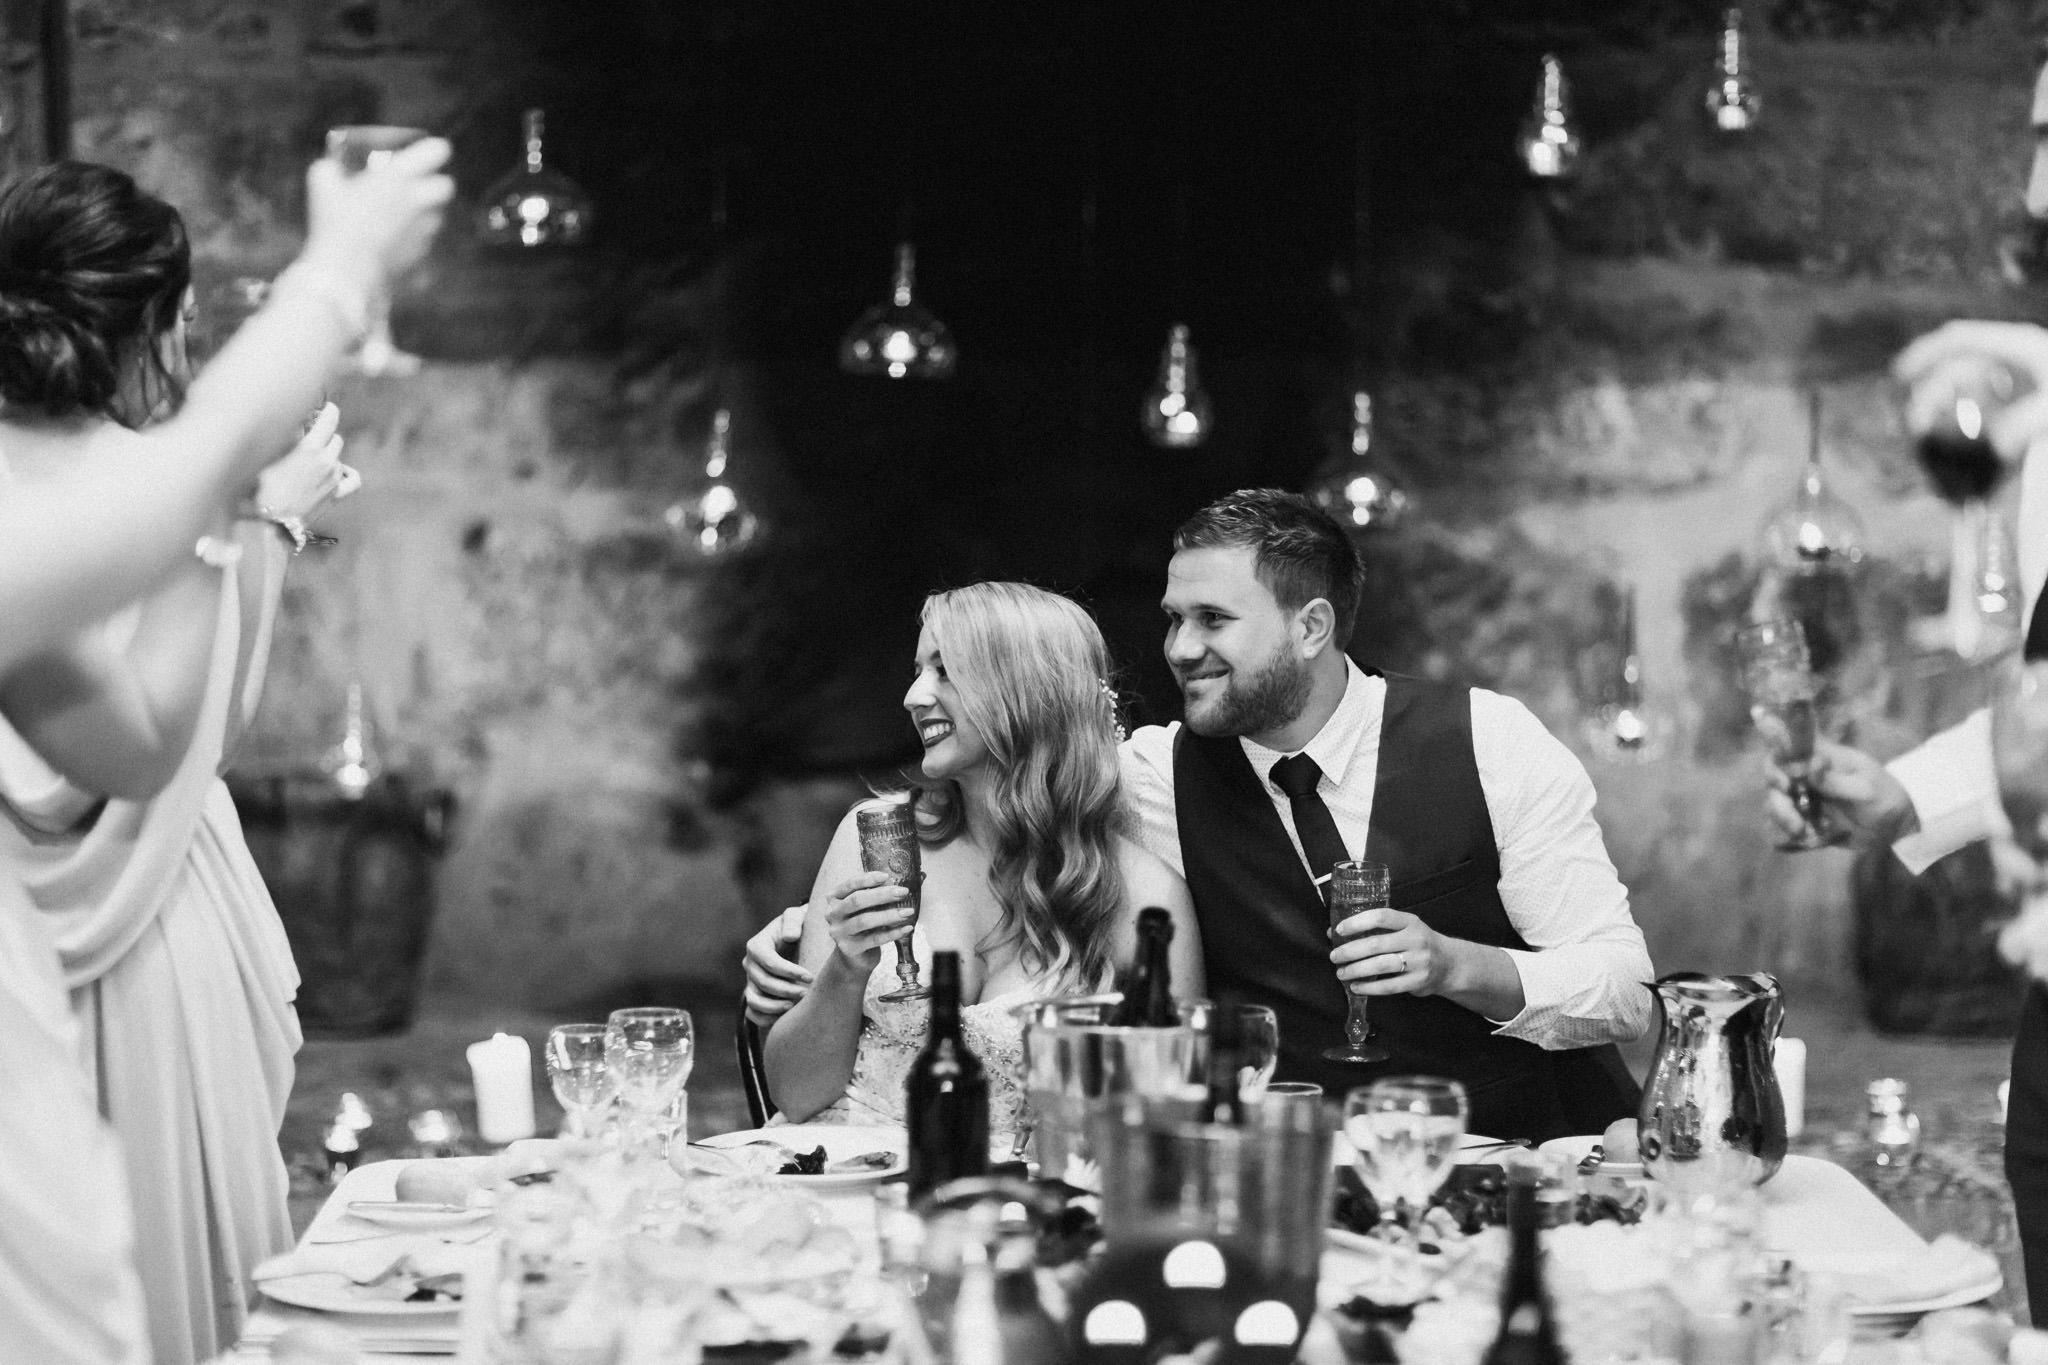 WeddingPhotos_Facebook_2048pixels-1118.jpg